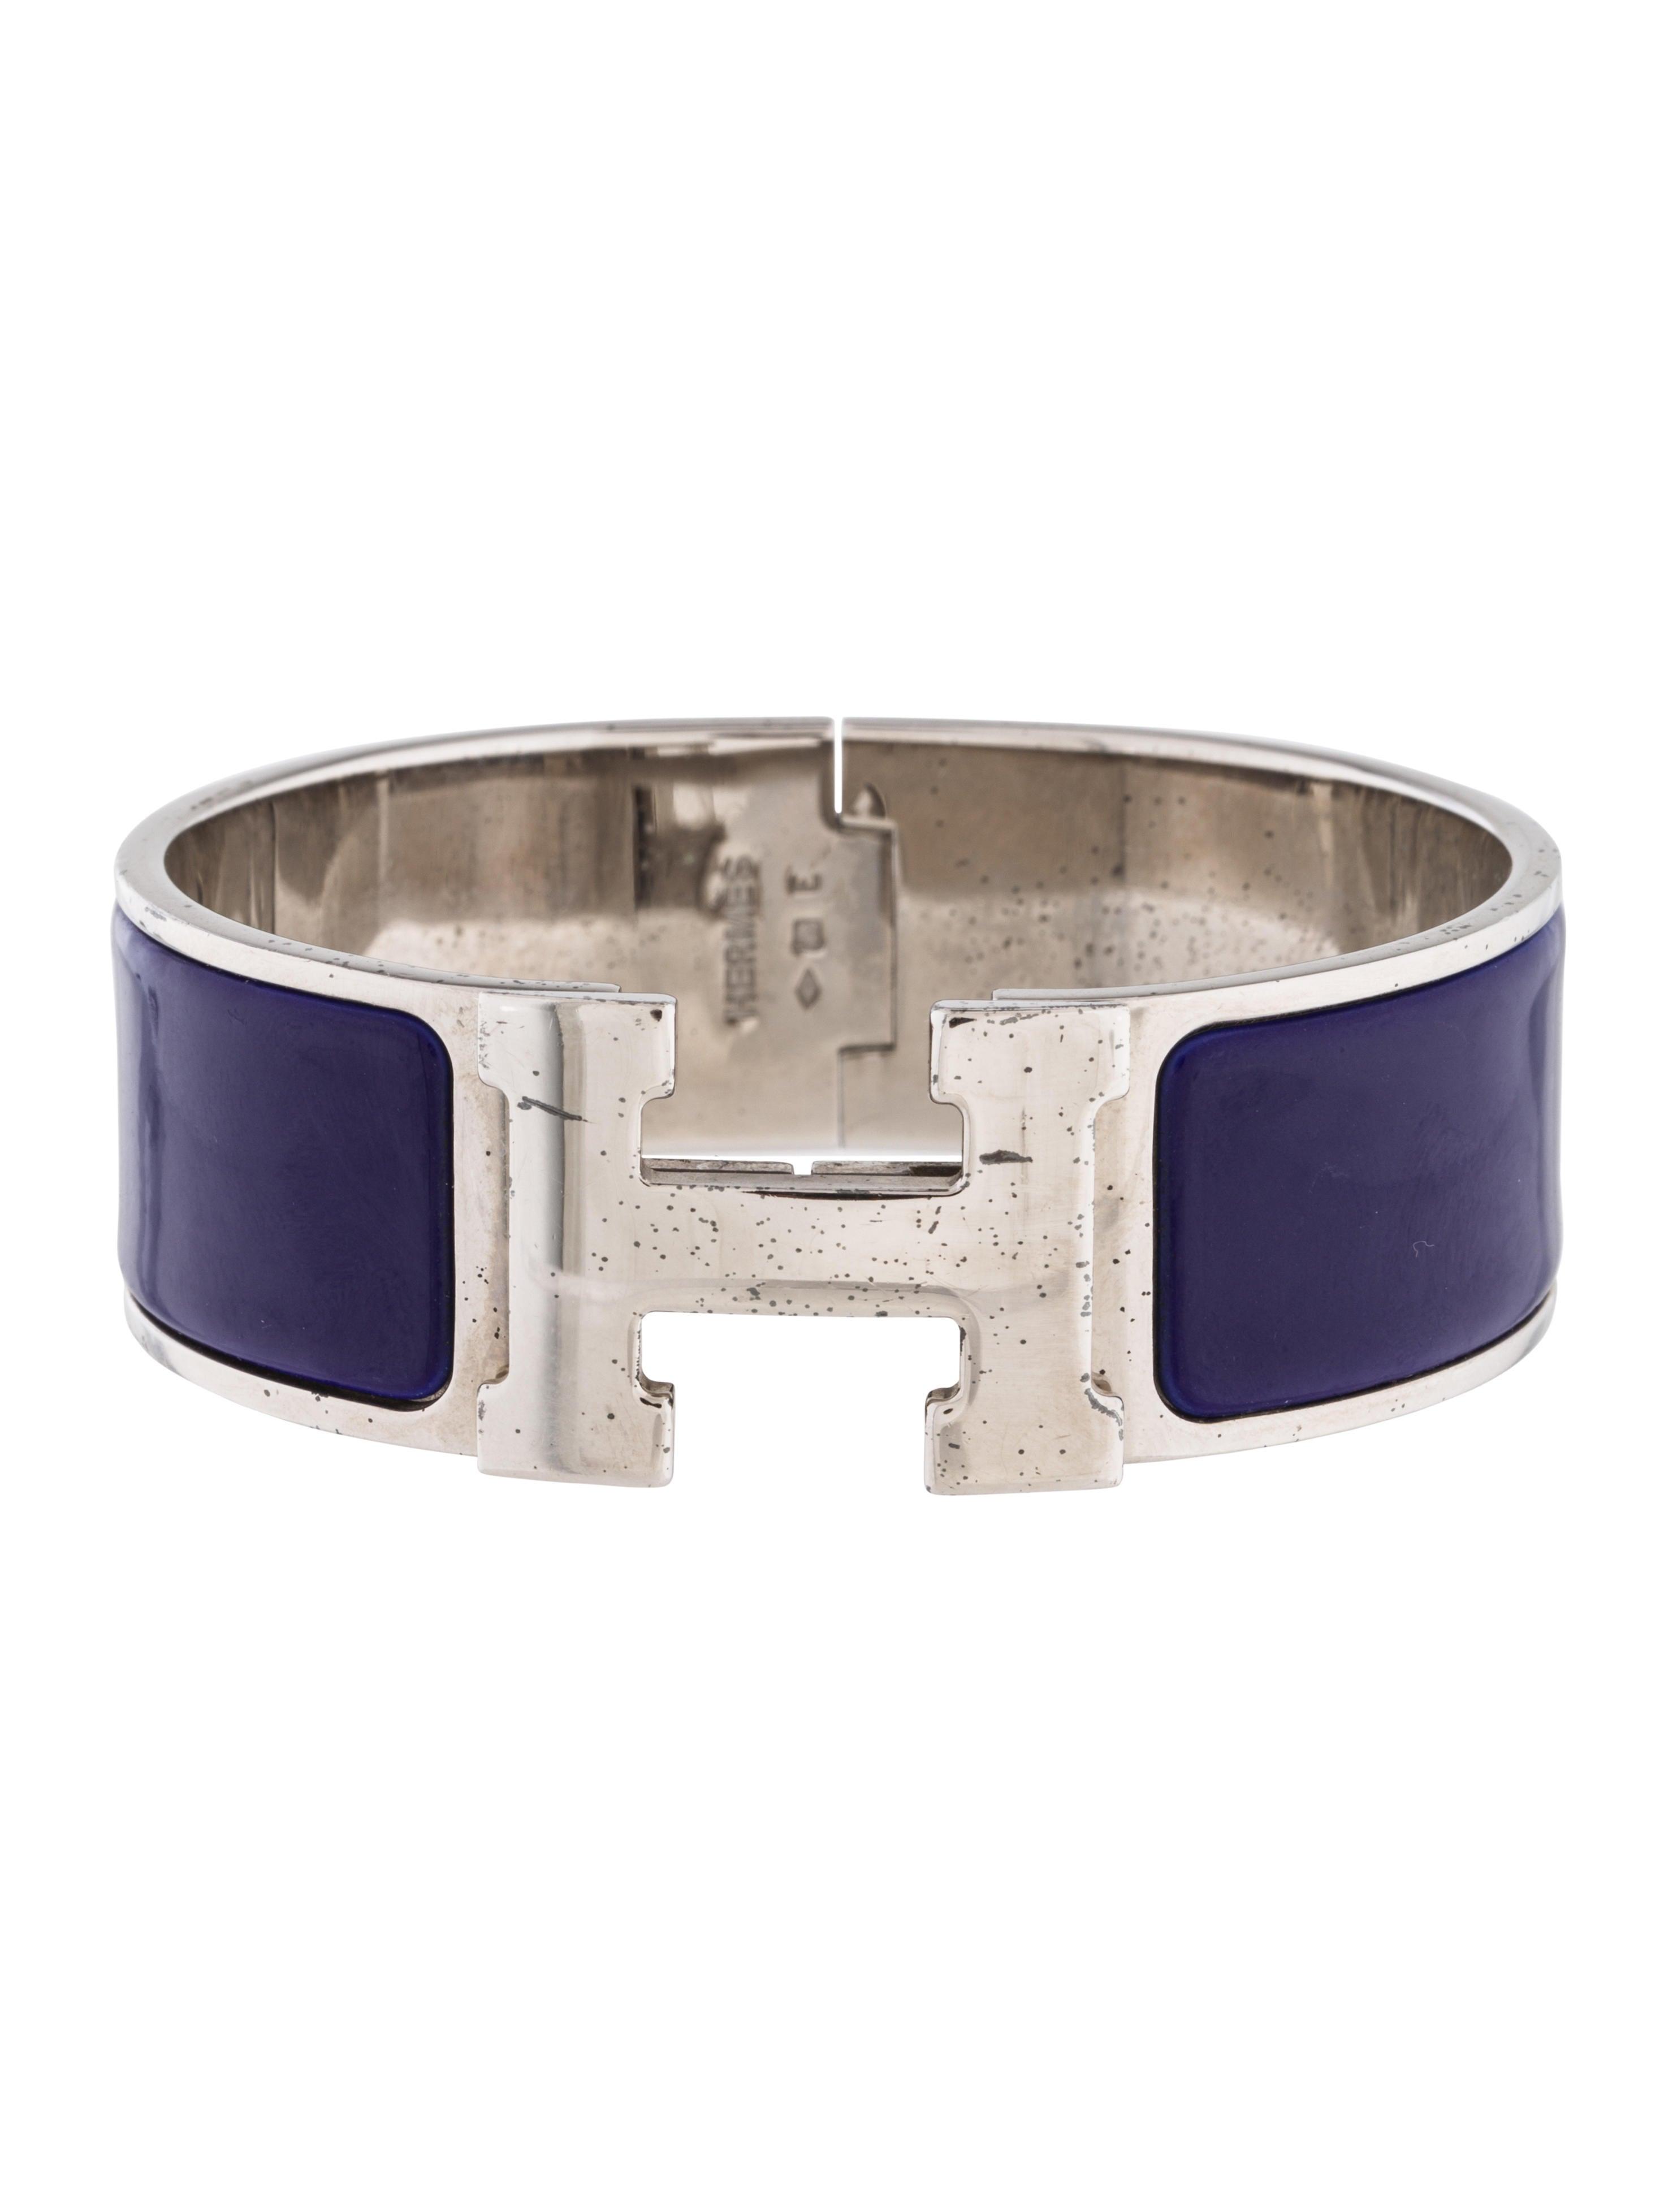 herm s clic clac h bracelet bracelets her110637 the. Black Bedroom Furniture Sets. Home Design Ideas